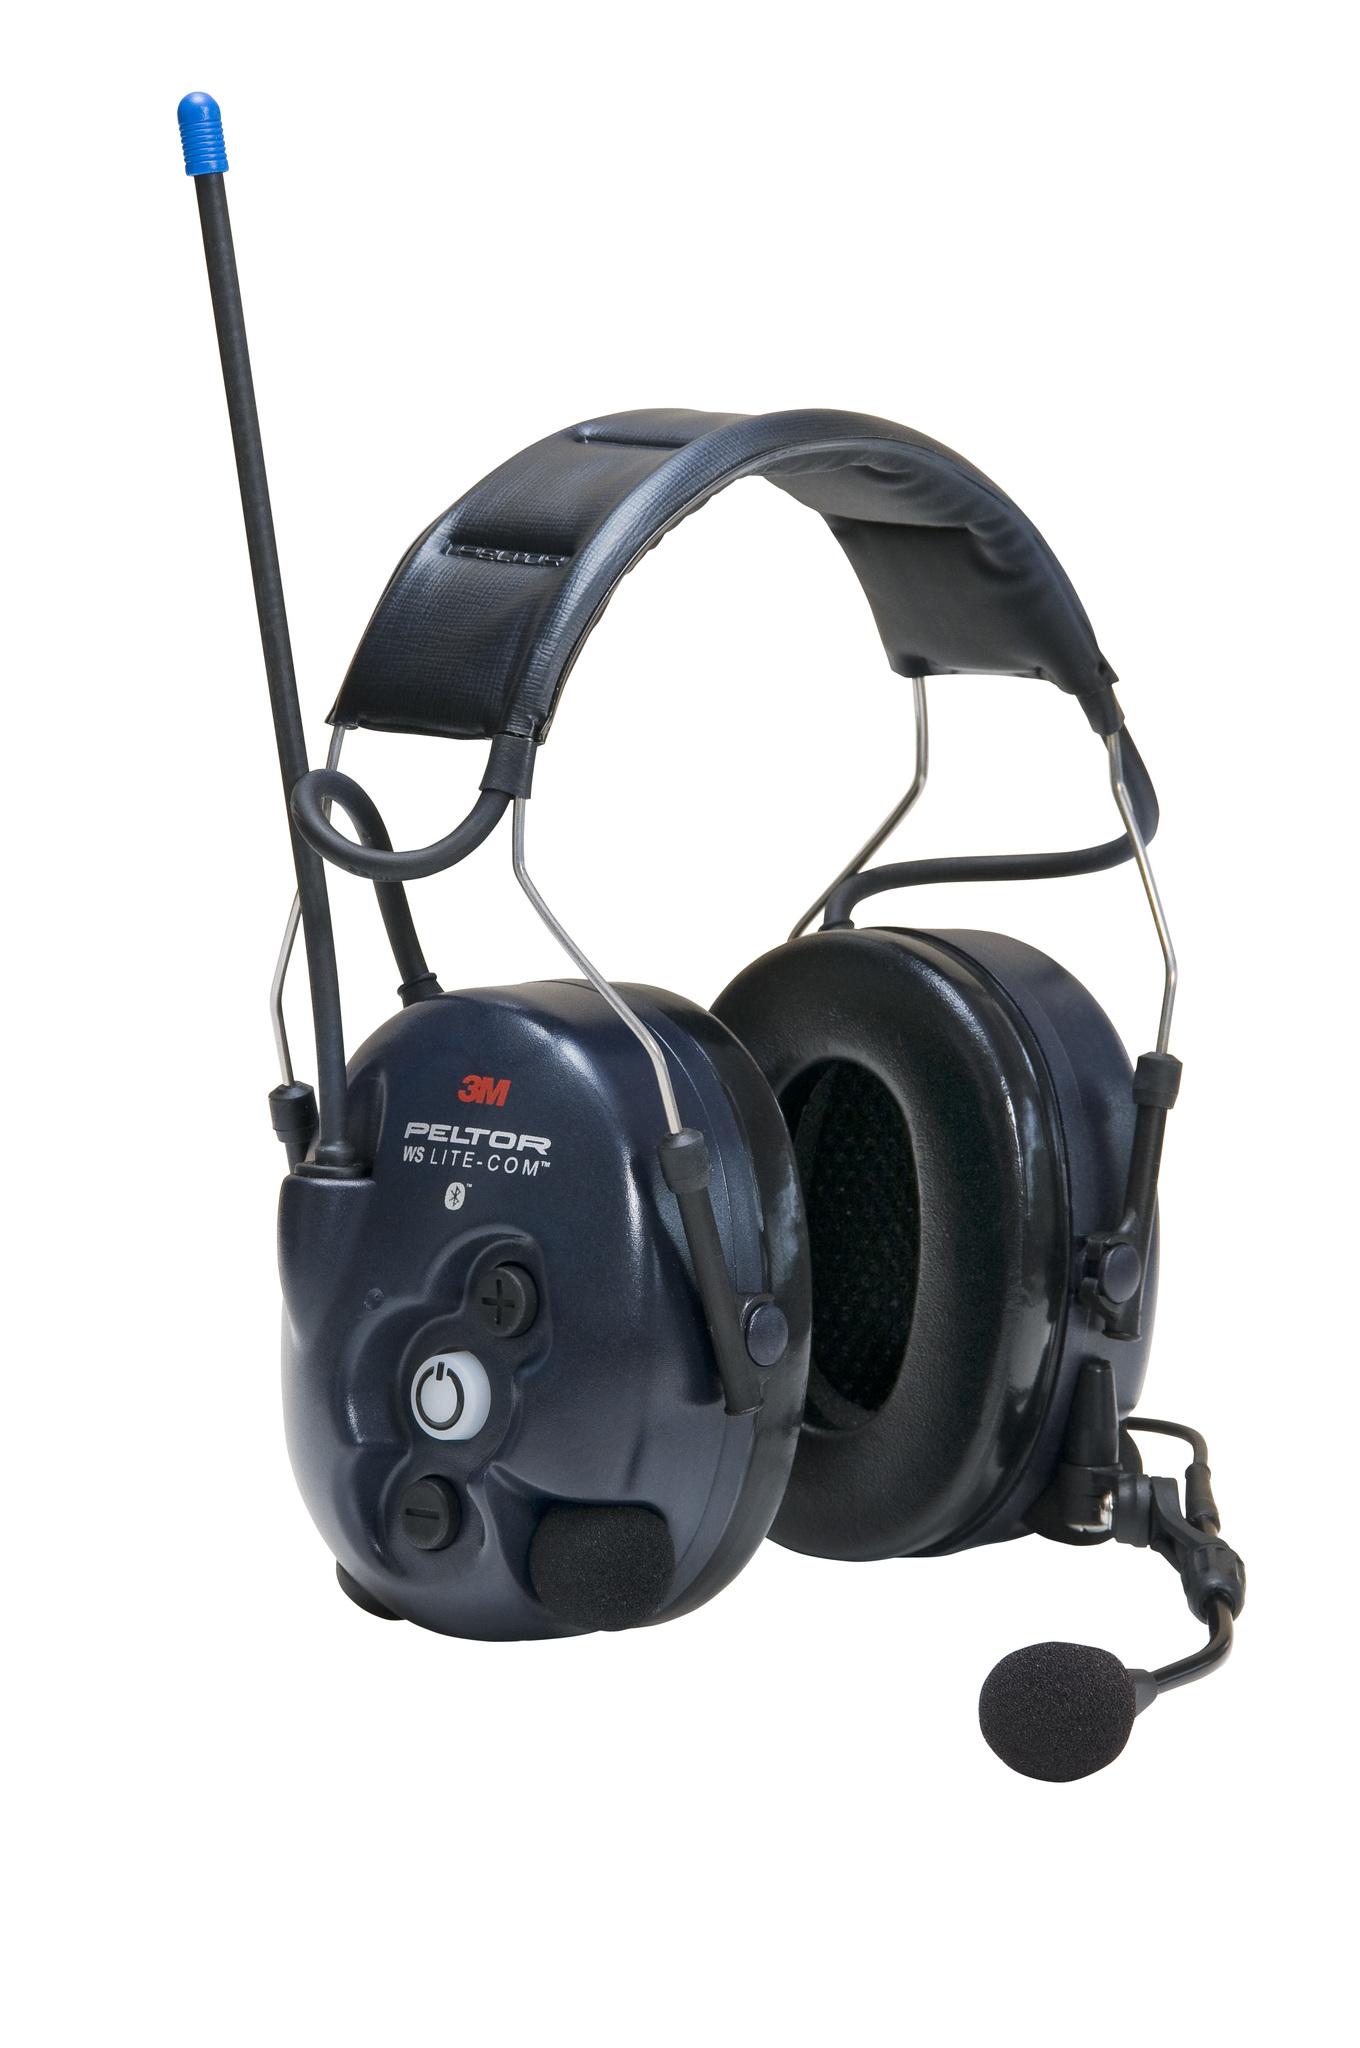 Активные наушники WS LiteCom, микрофон на жёсткой штанге, стандартное оголовье, Bluetooth, тёмно-синие чашки